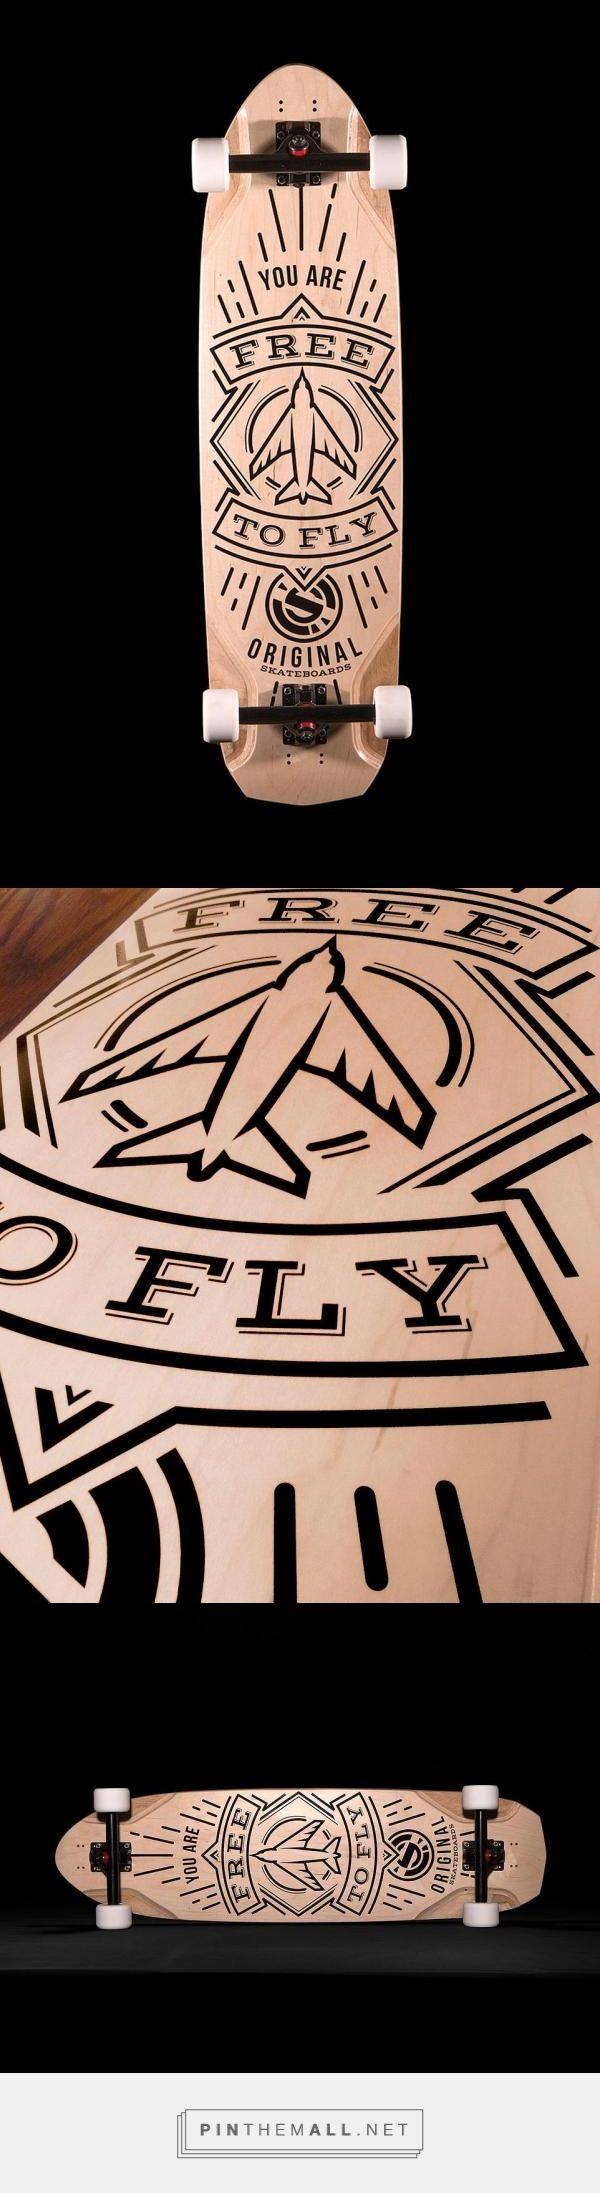 """Original Skateboards """"Free to Fly"""" Arbiter by Craig Valentino. www.craigvalentinodesign.com www.originalskateboards.com"""